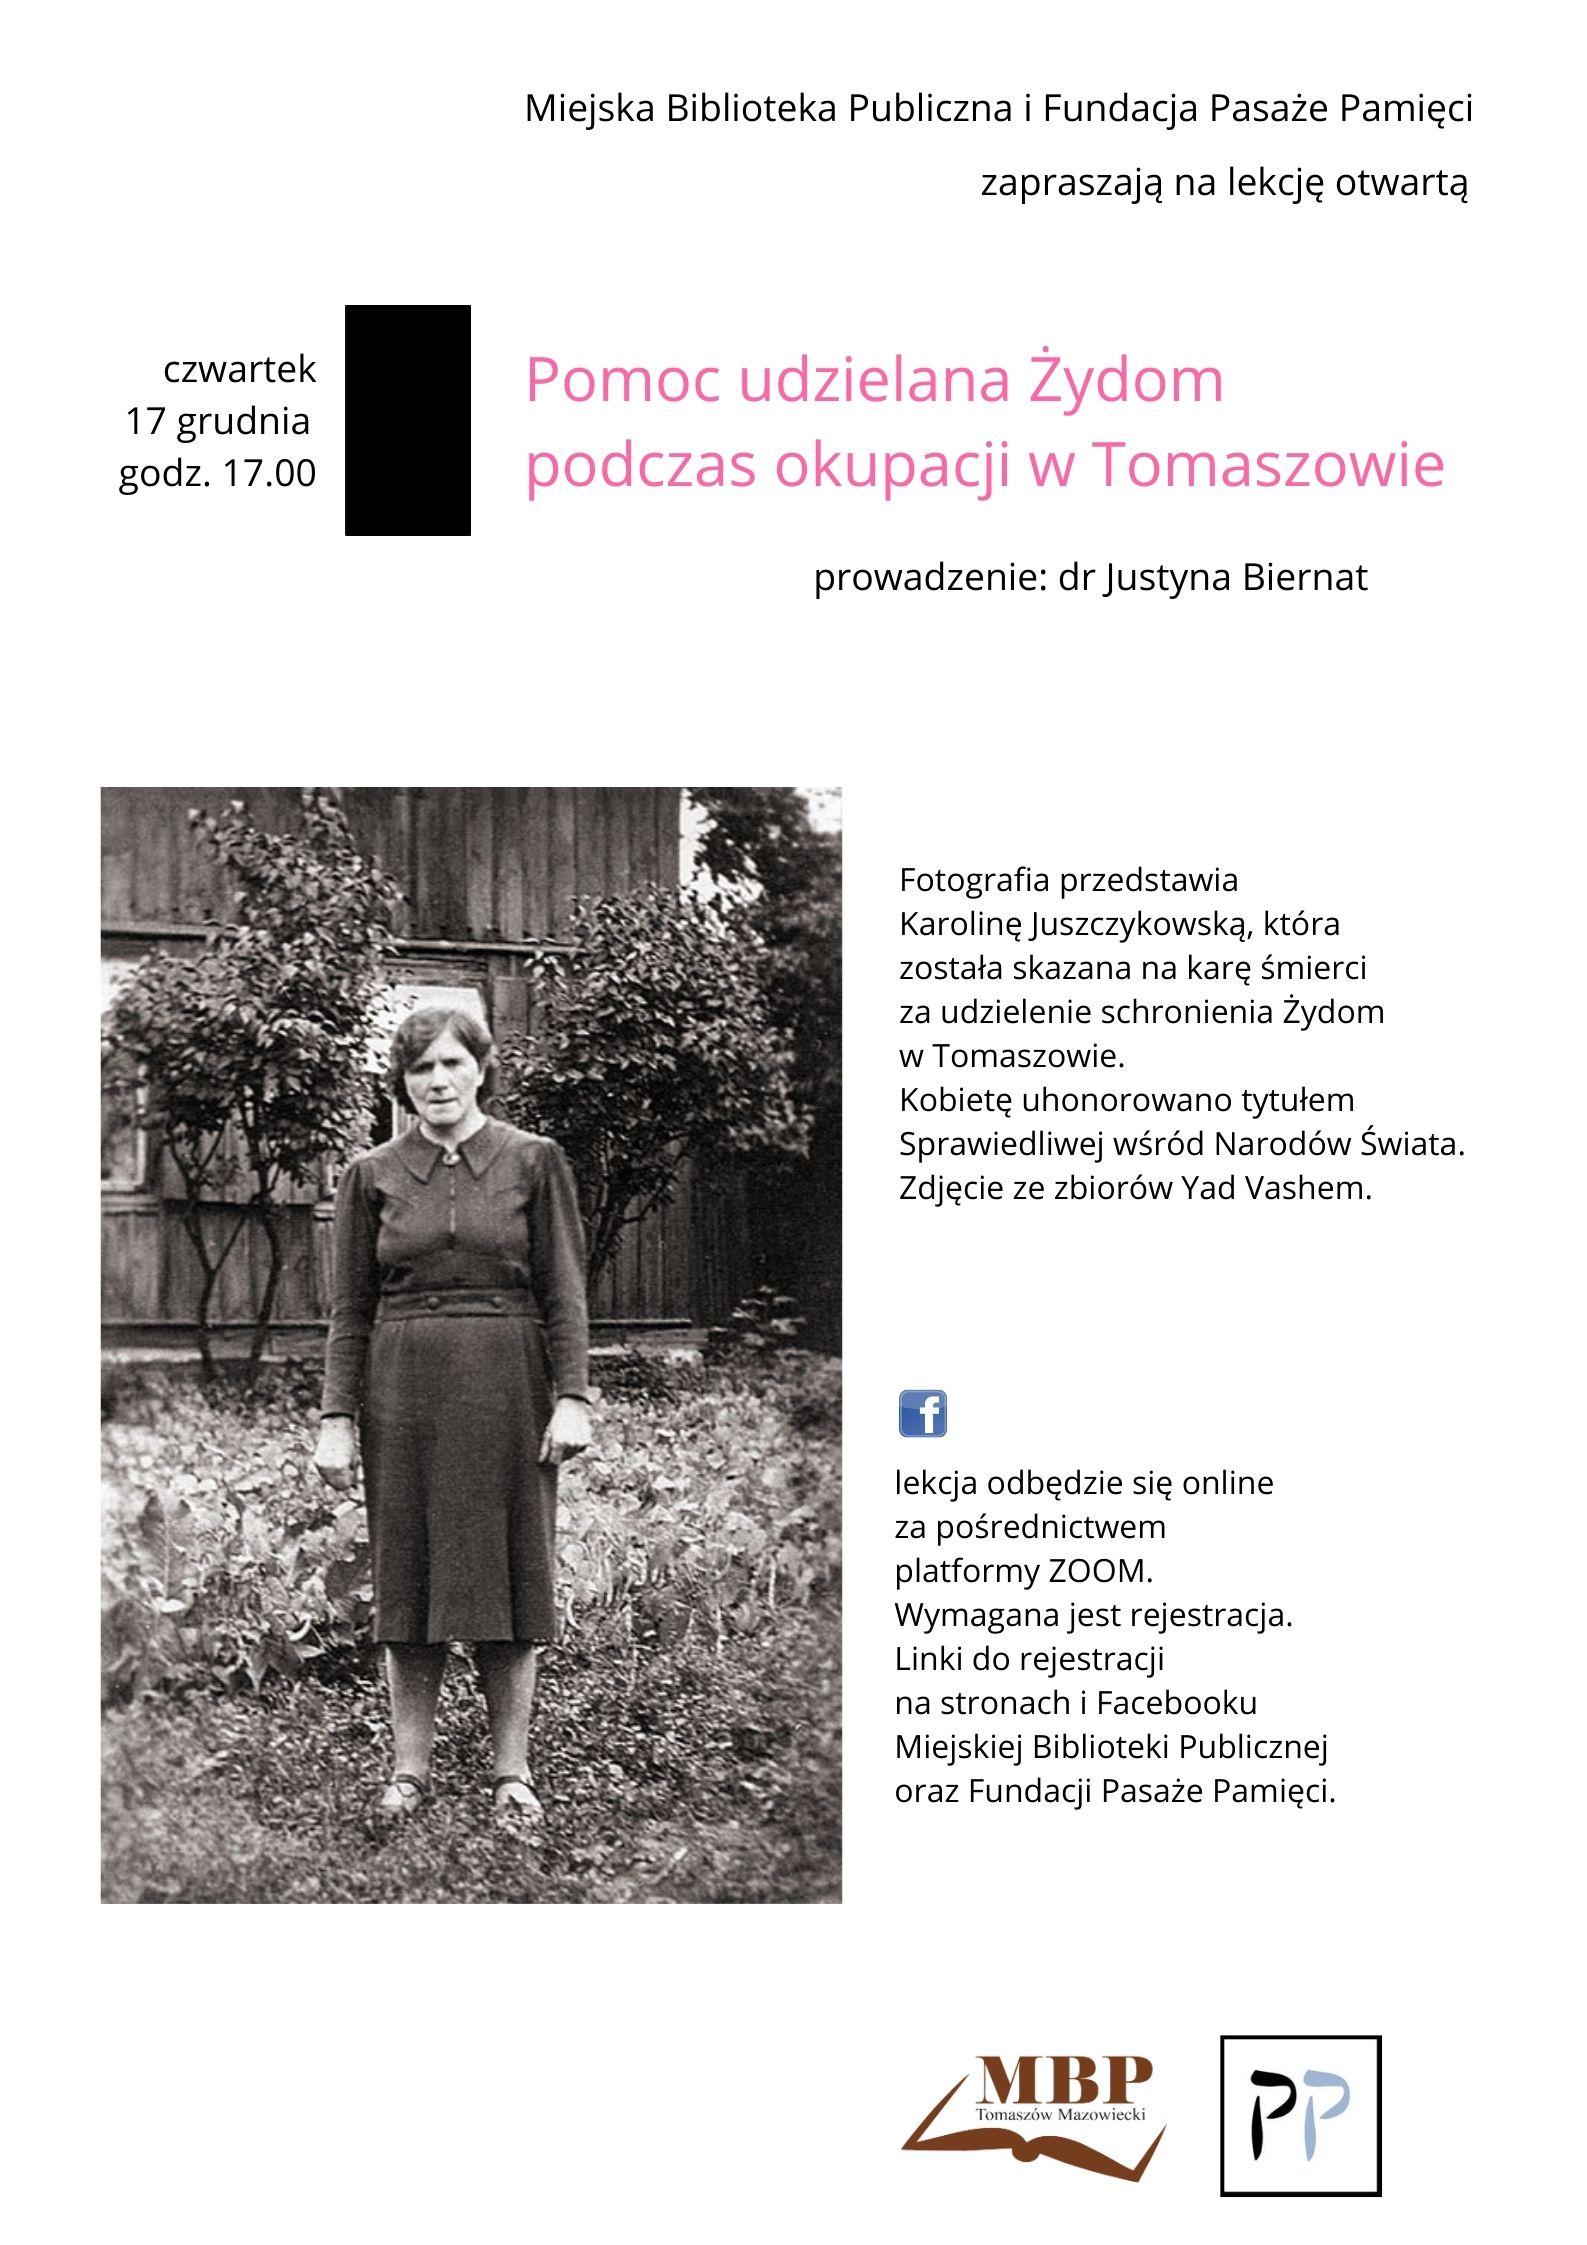 Na plakacie umieszczono czarno-białe zdjęcie kobiety. Wokół zdjęcia umieszczono informacje związane ze spotkaniem on-line